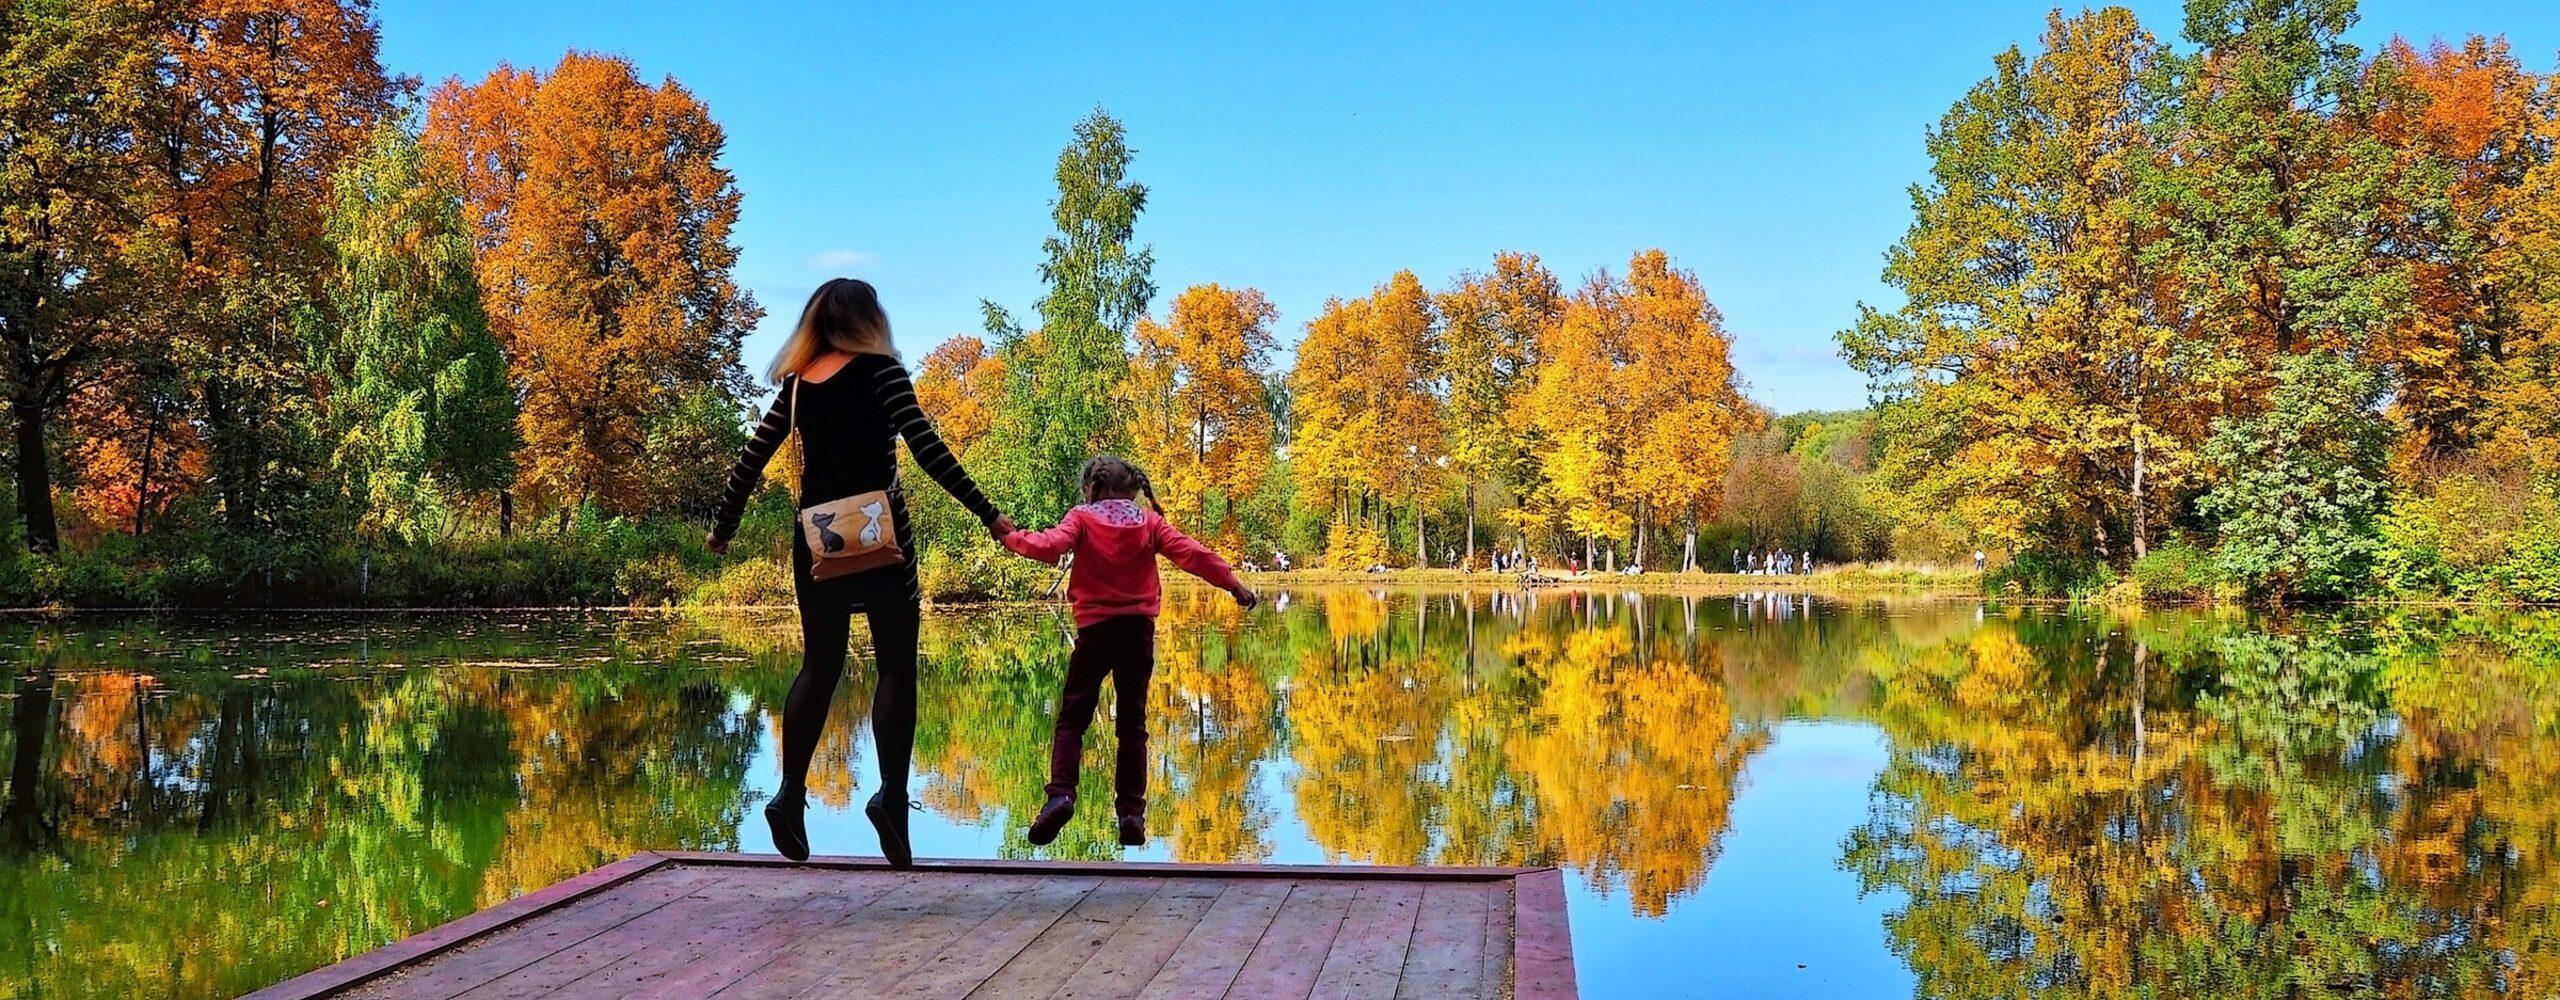 Московская область: Зима, Лето, Осень…